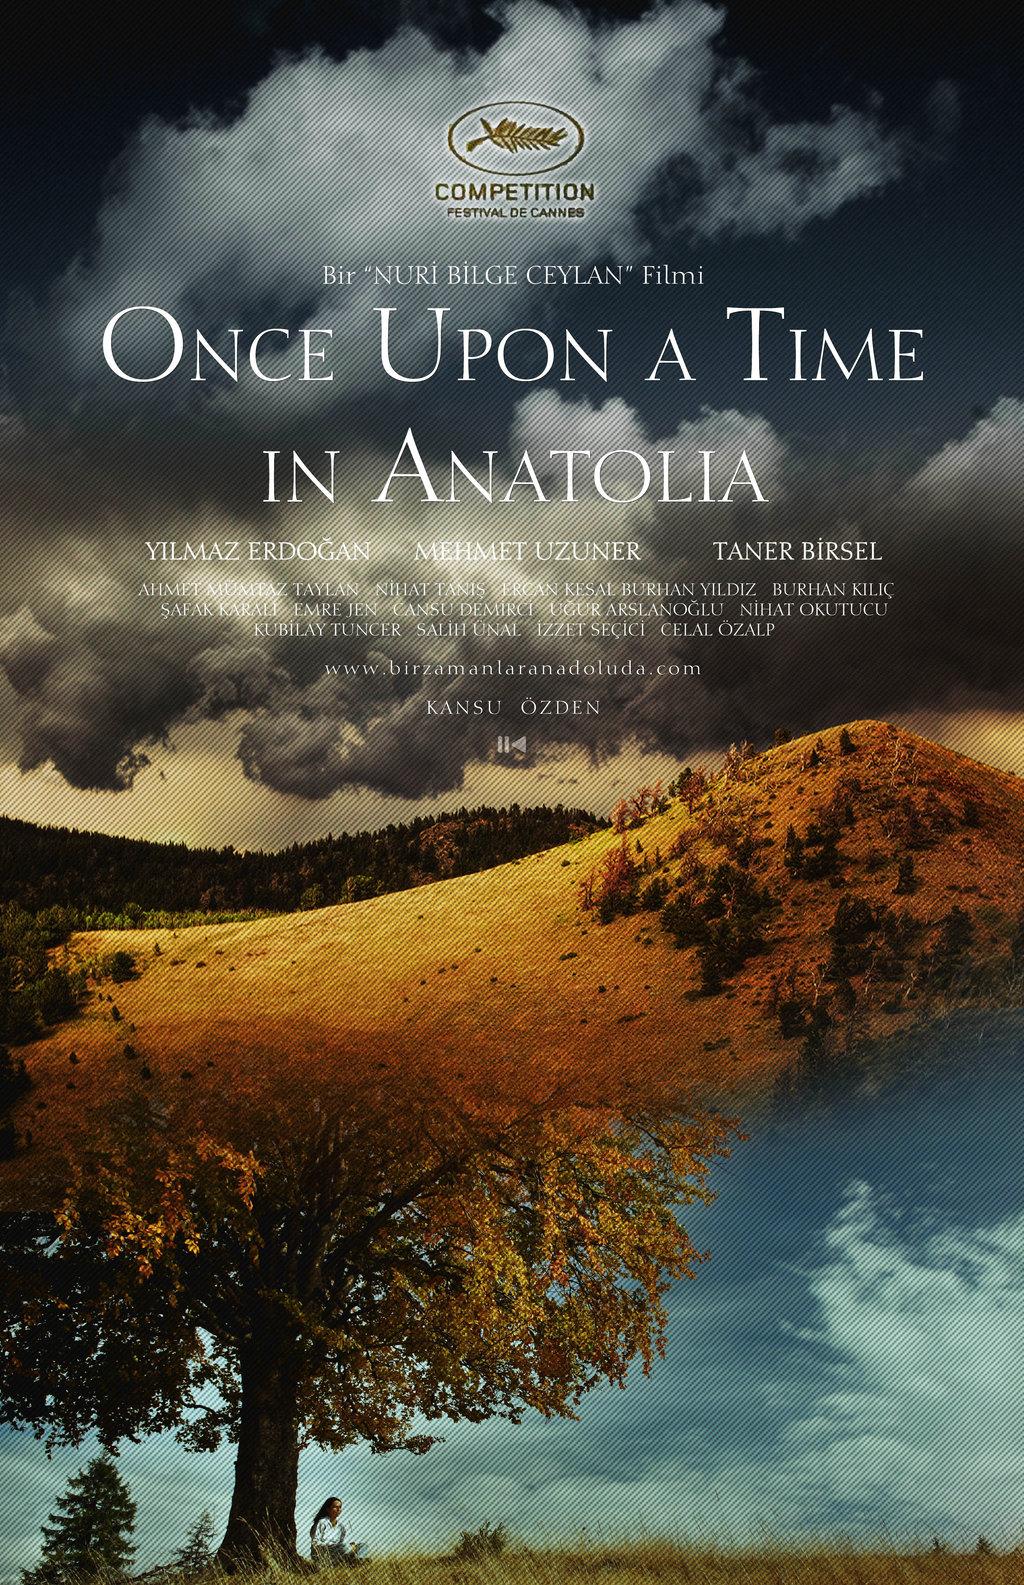 پوستر فیلم Once Upon a Time in Anatolia روزی روزگاری در آناتولی اثر نوری بیلگه جیلان